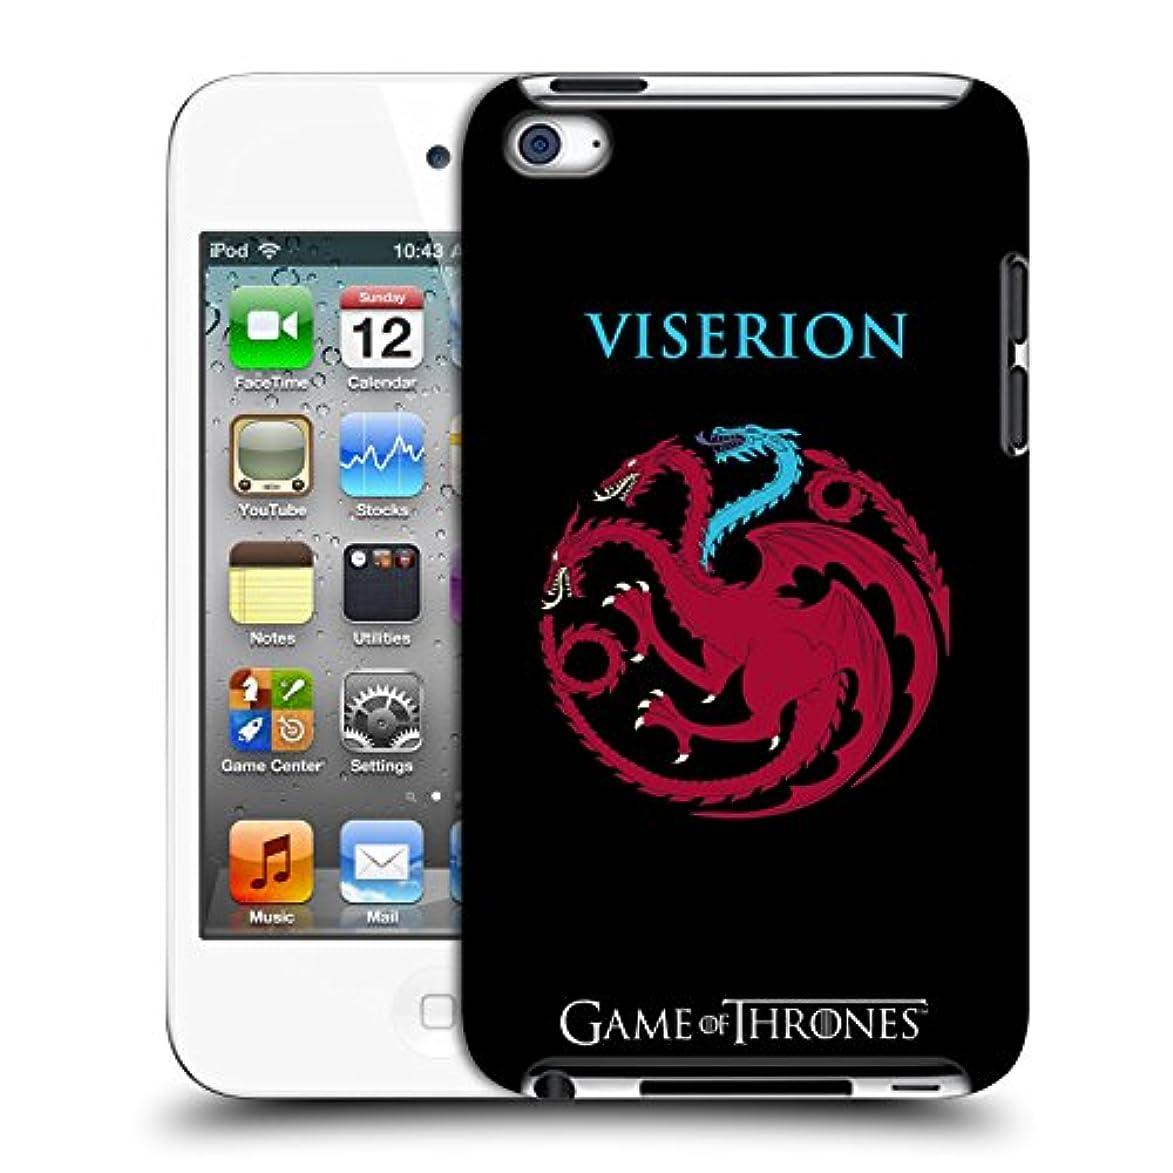 キャプテン壁紙そうオフィシャルHBO Game of Thrones Dragon Viserion グラフィック Apple iPod Touch 4G 4th Gen 専用ハードバックケース